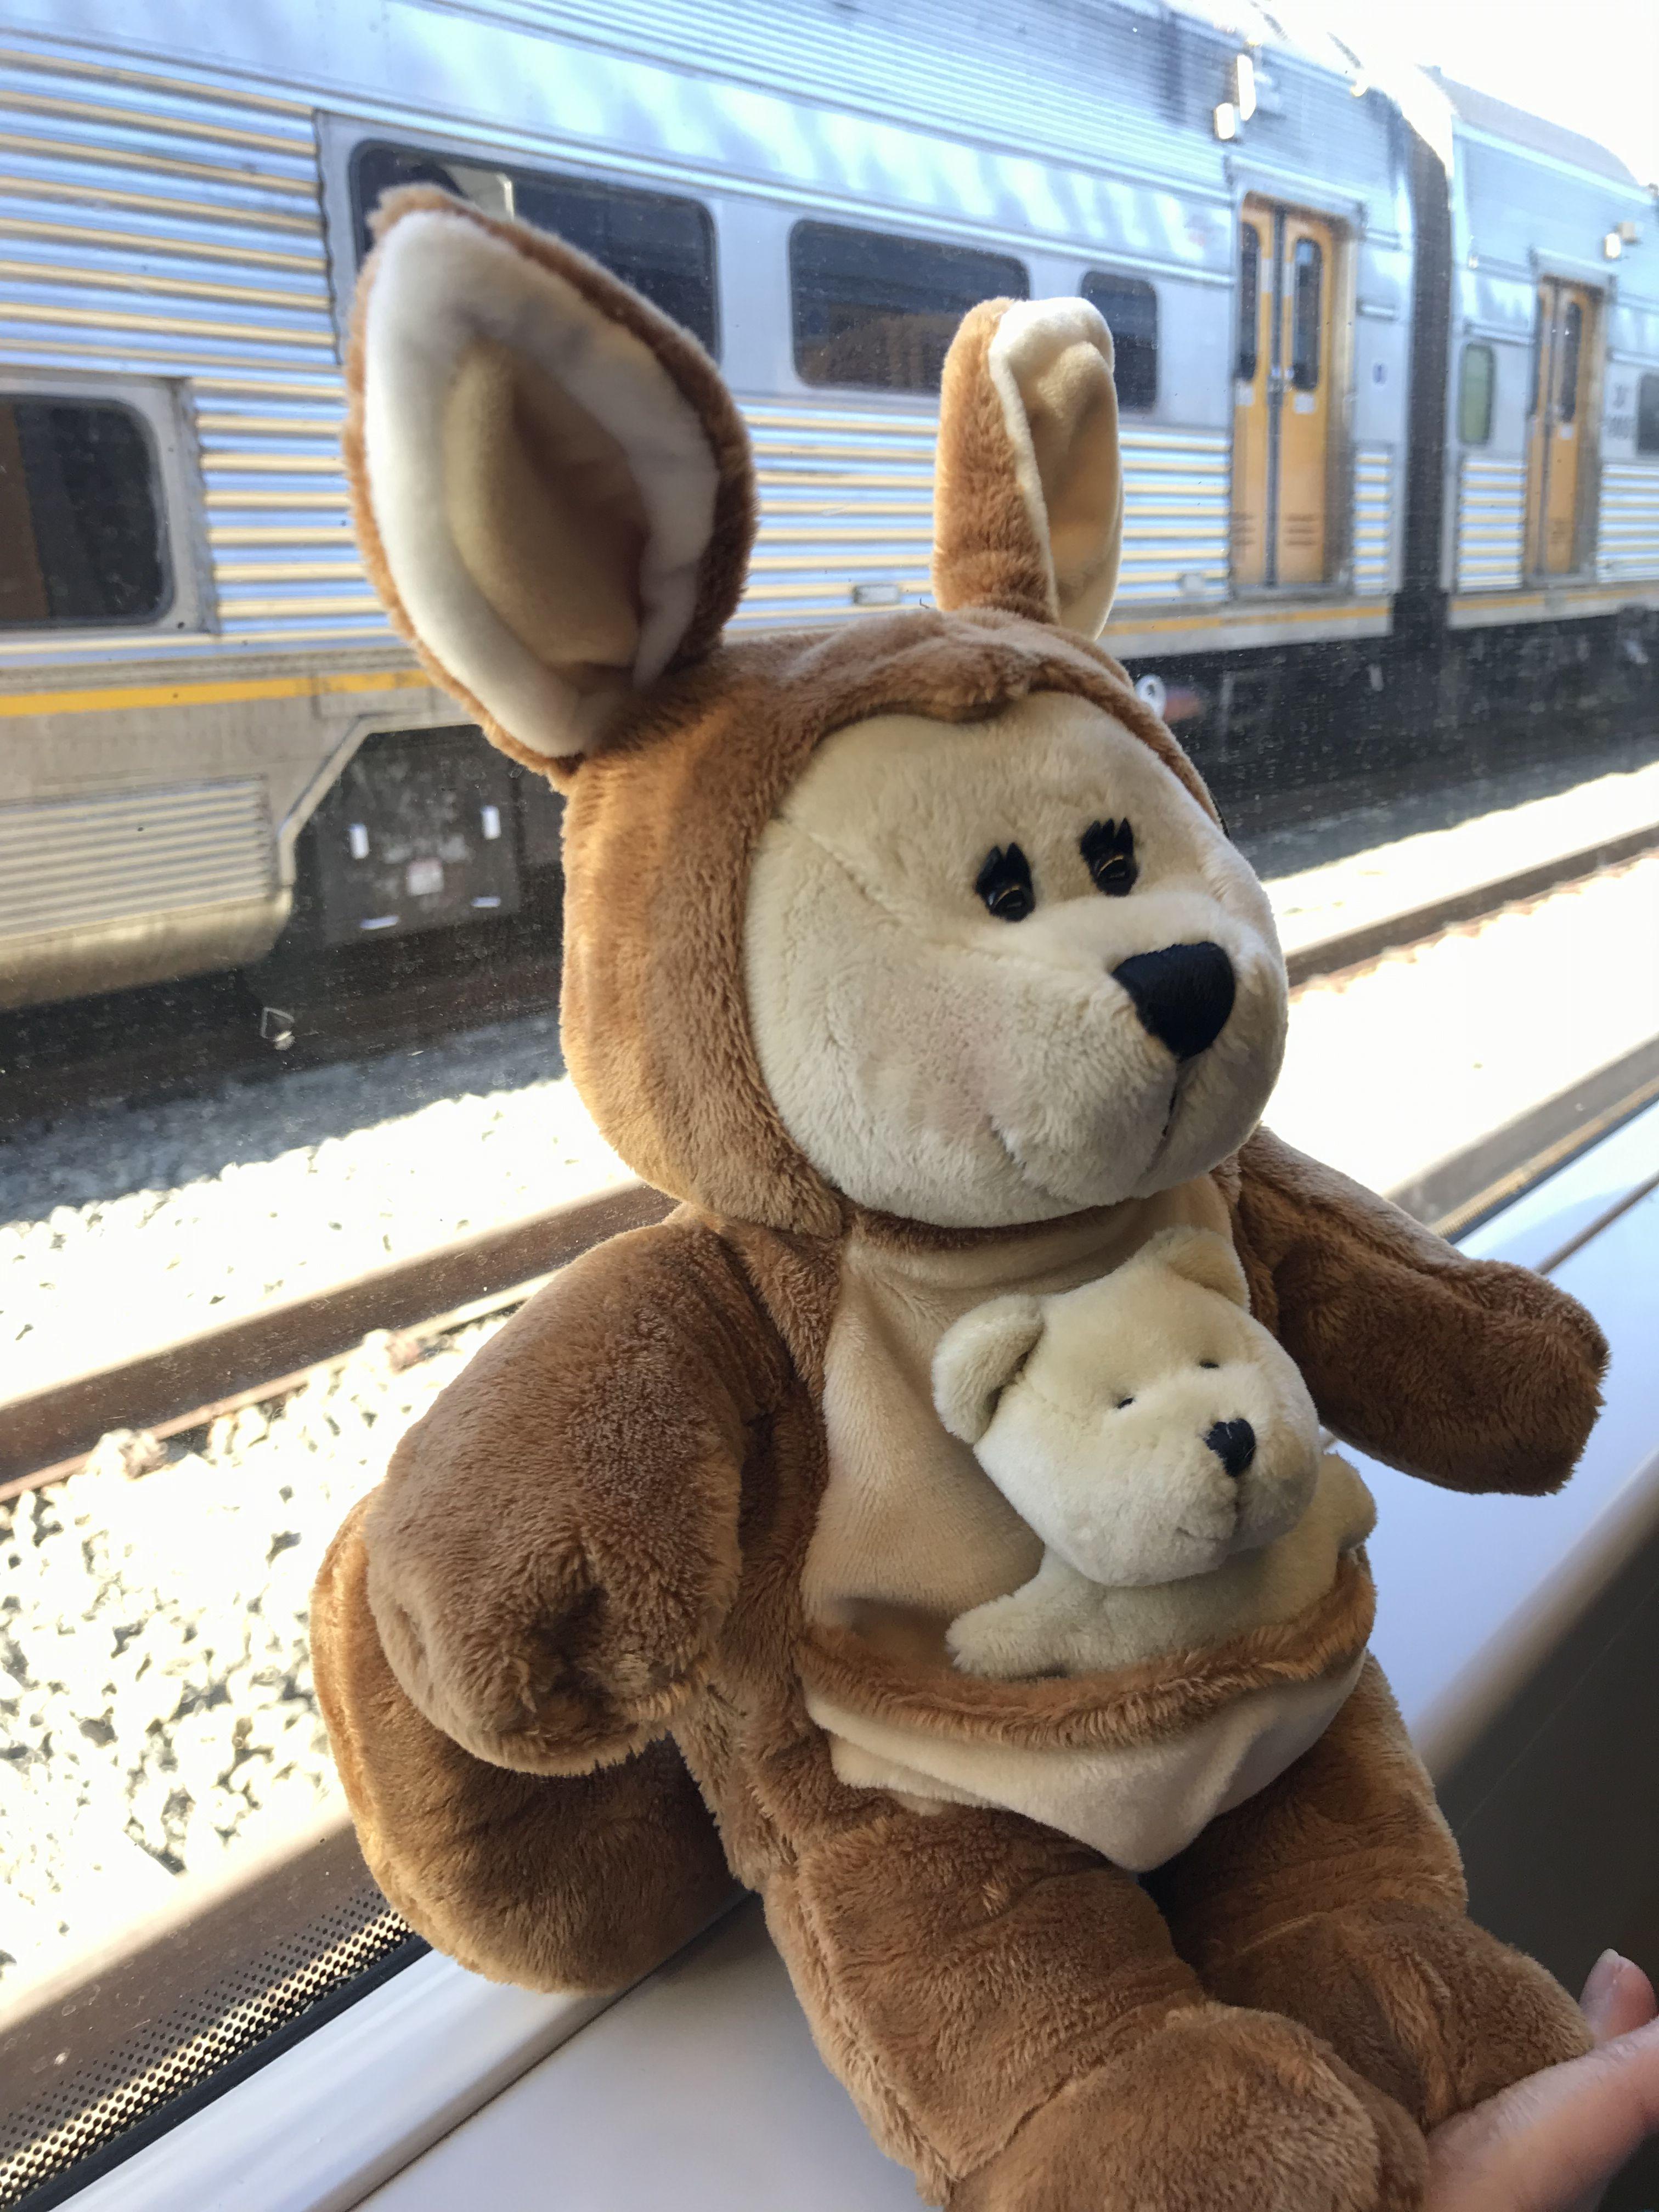 Kangaroo Starbucks Bearista Australia Toys Teddy Bear Teddy